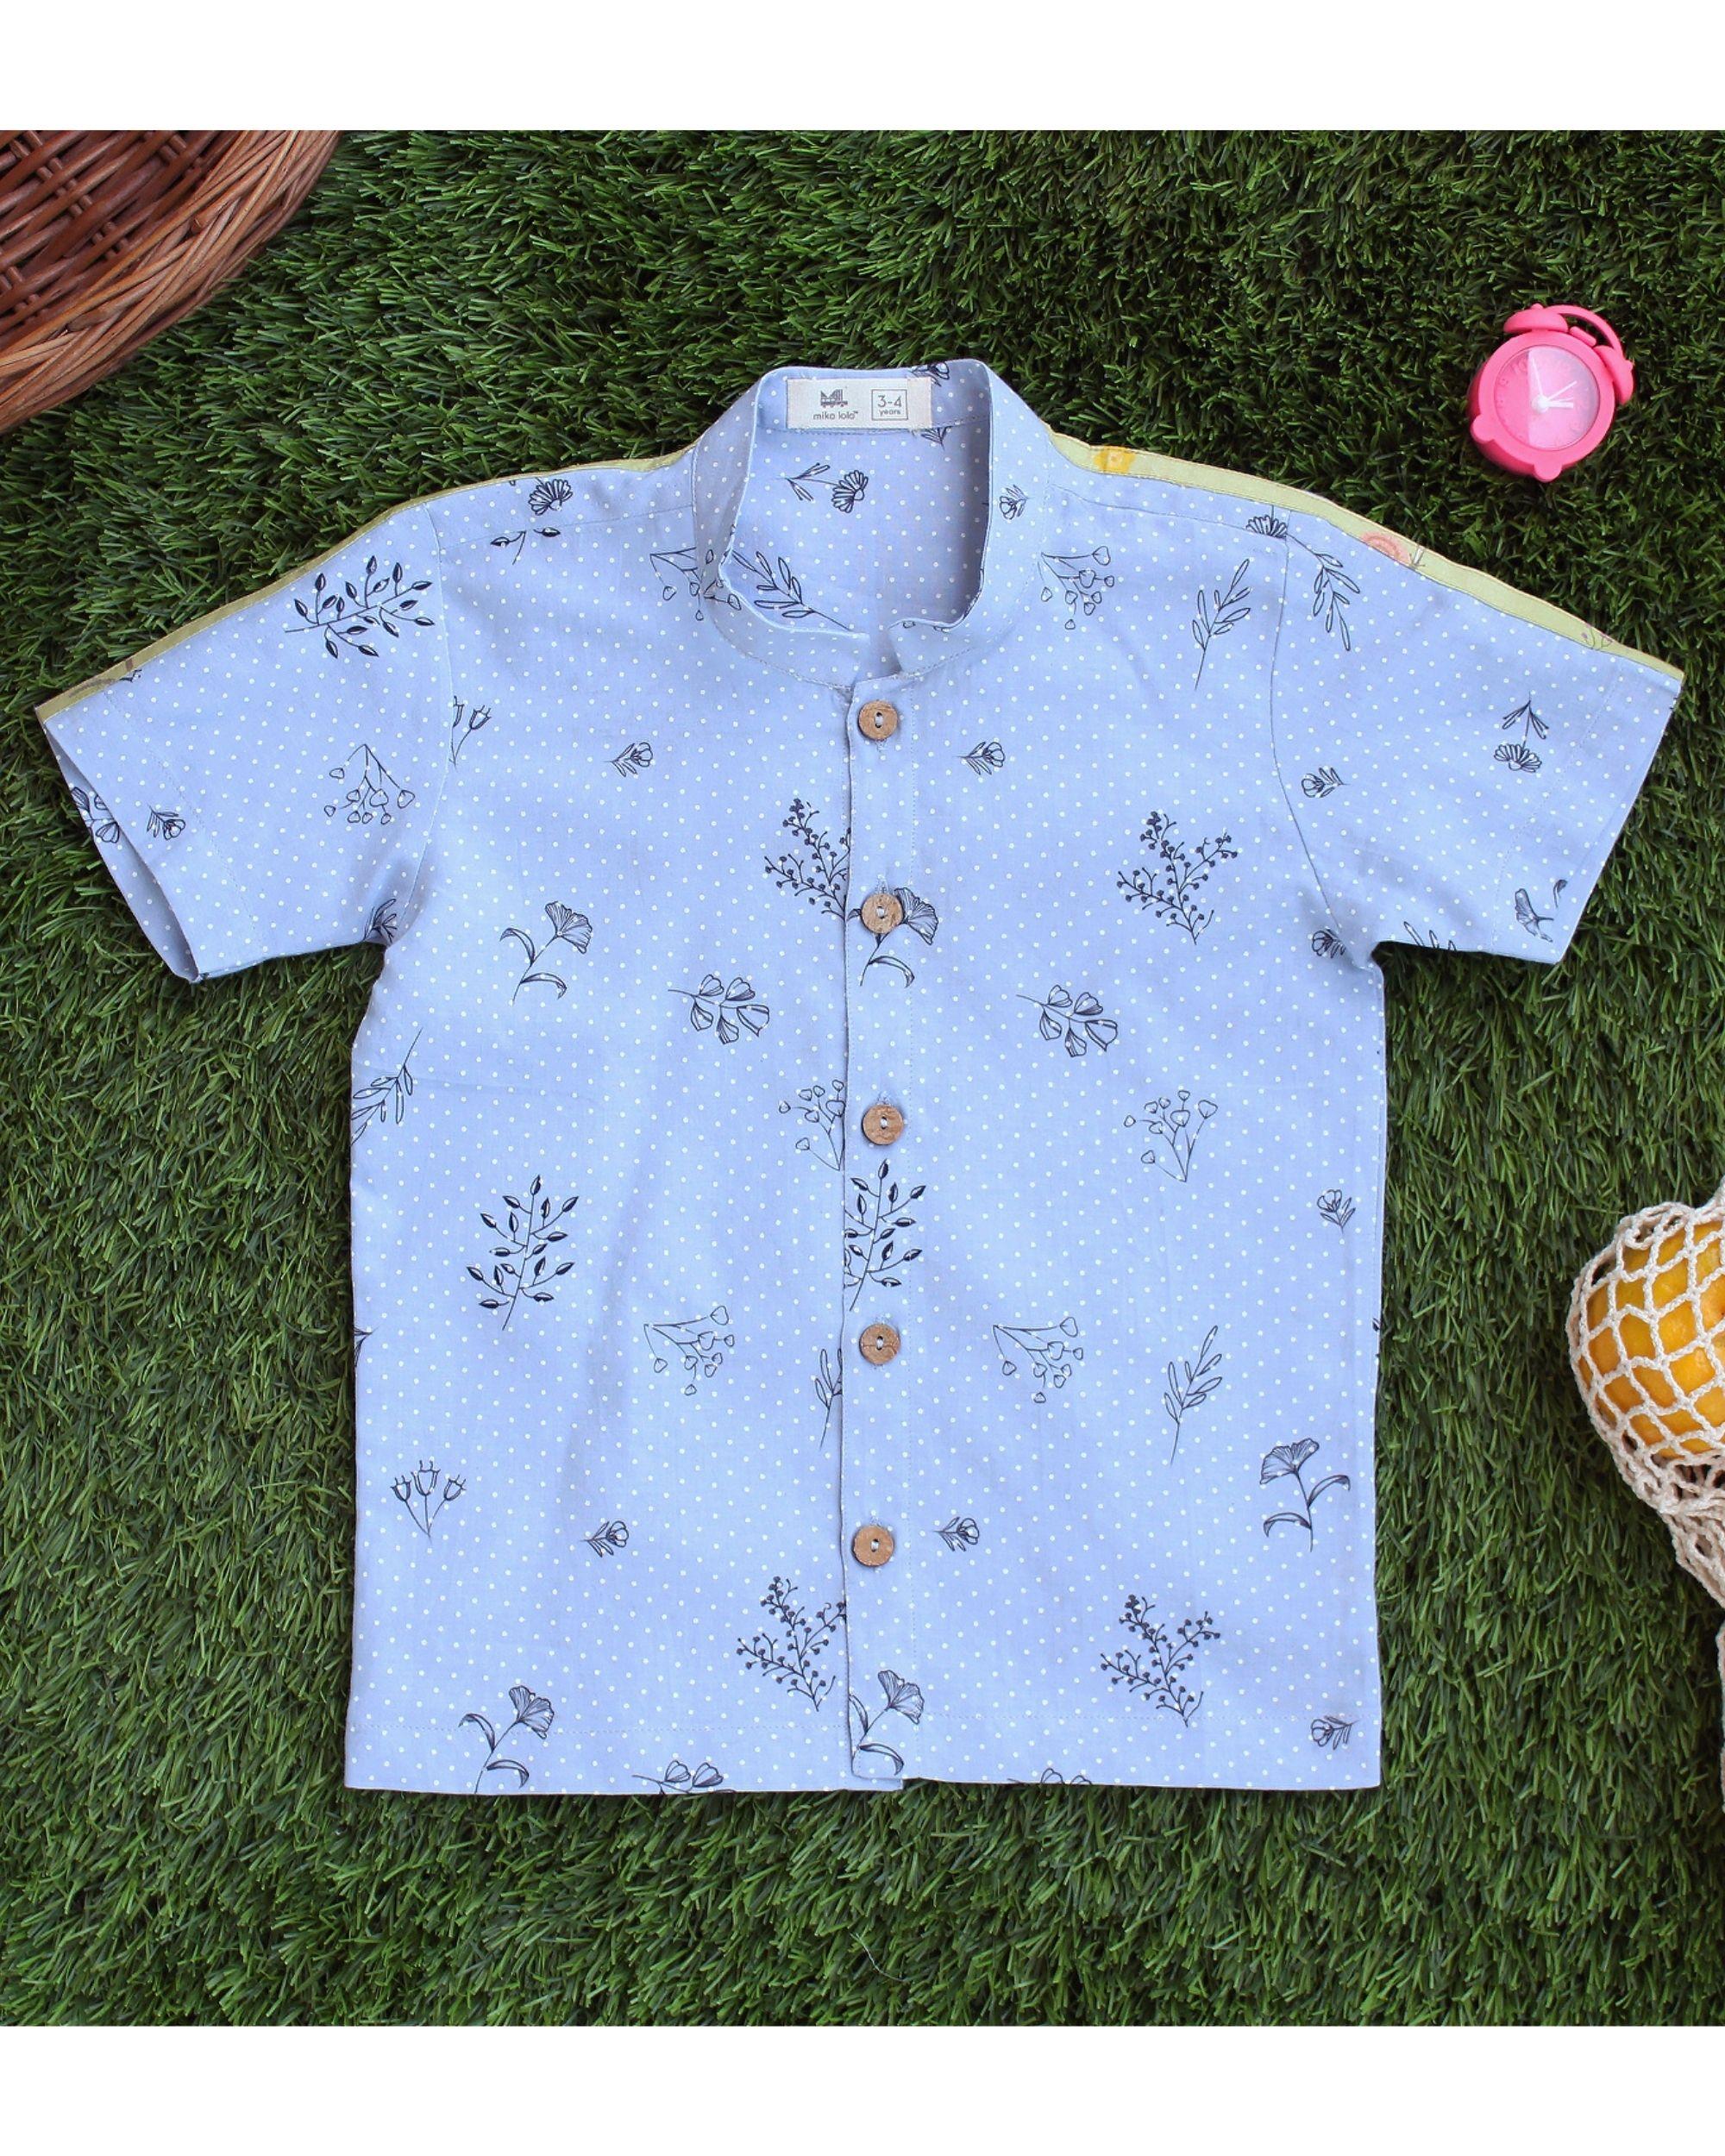 Summer breeze printed shirt